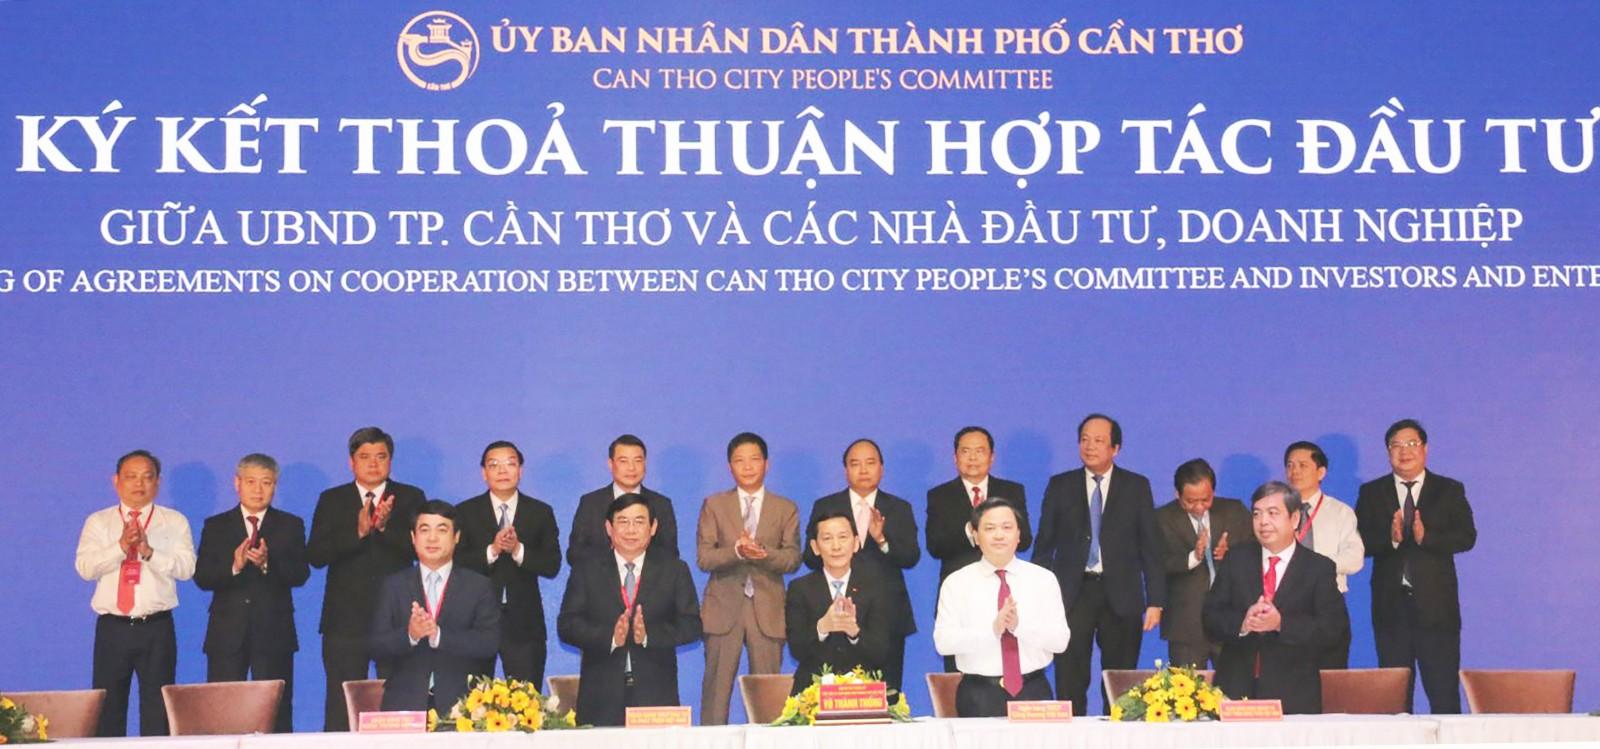 Các nhà đầu tư ký thỏa thuận hợp tác đầu tư vào TP Cần Thơ (tháng 8-2018).